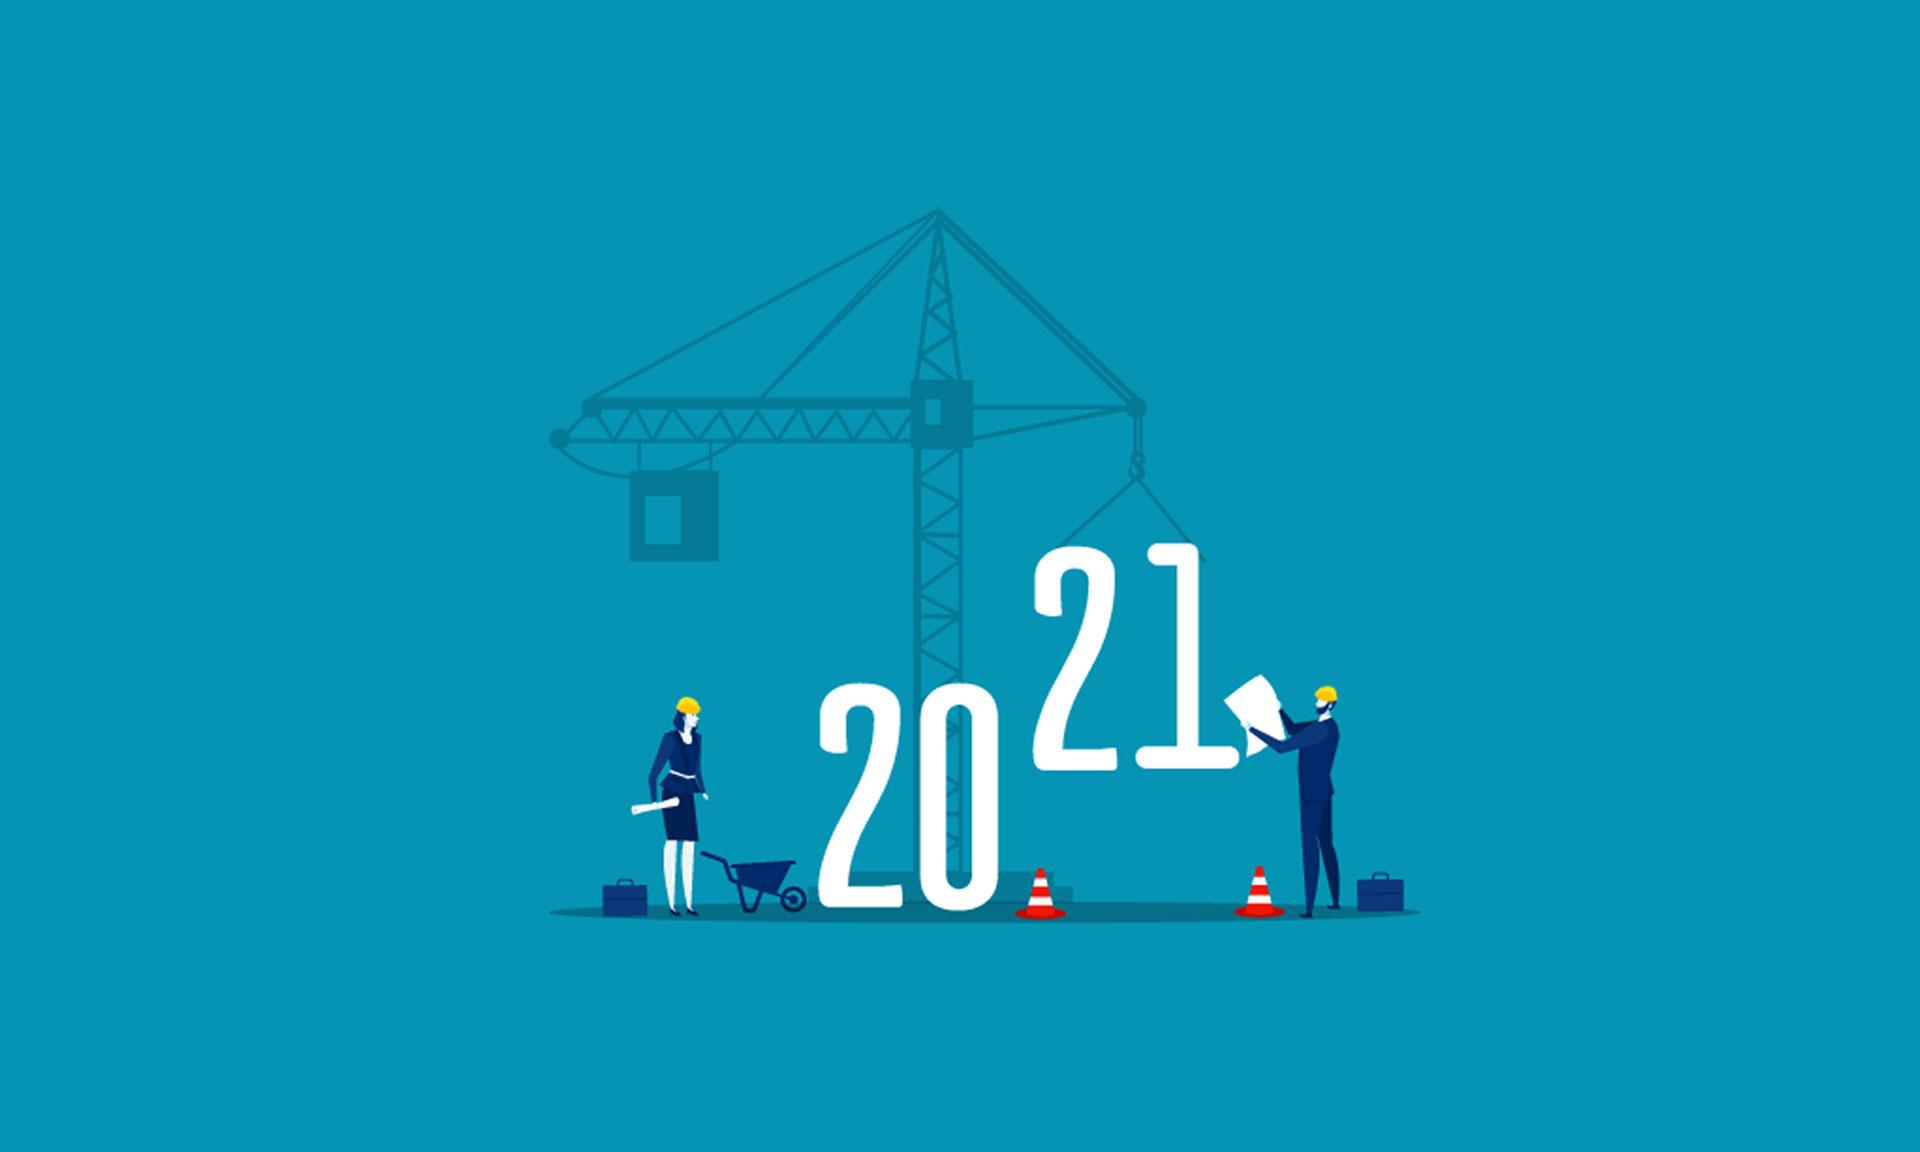 תחזית מדד מחירי תשומות בבנייה למגורים – מרץ 2021